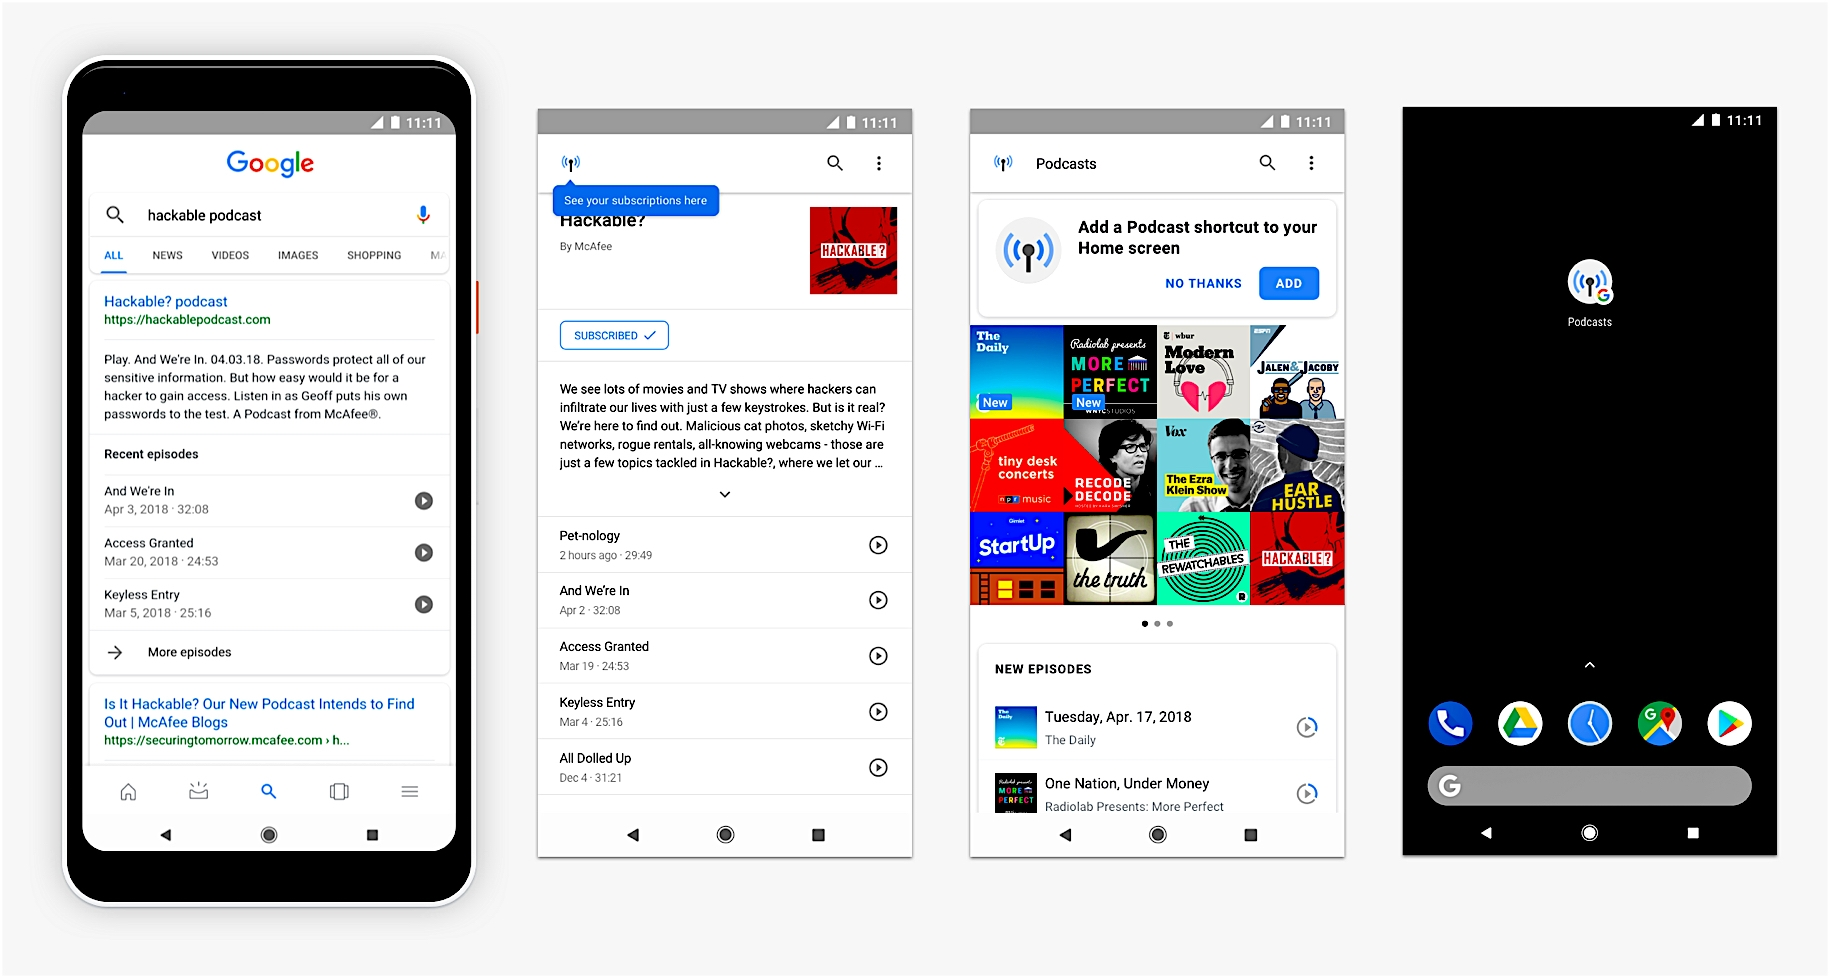 les recommandations Google pour les podcasts